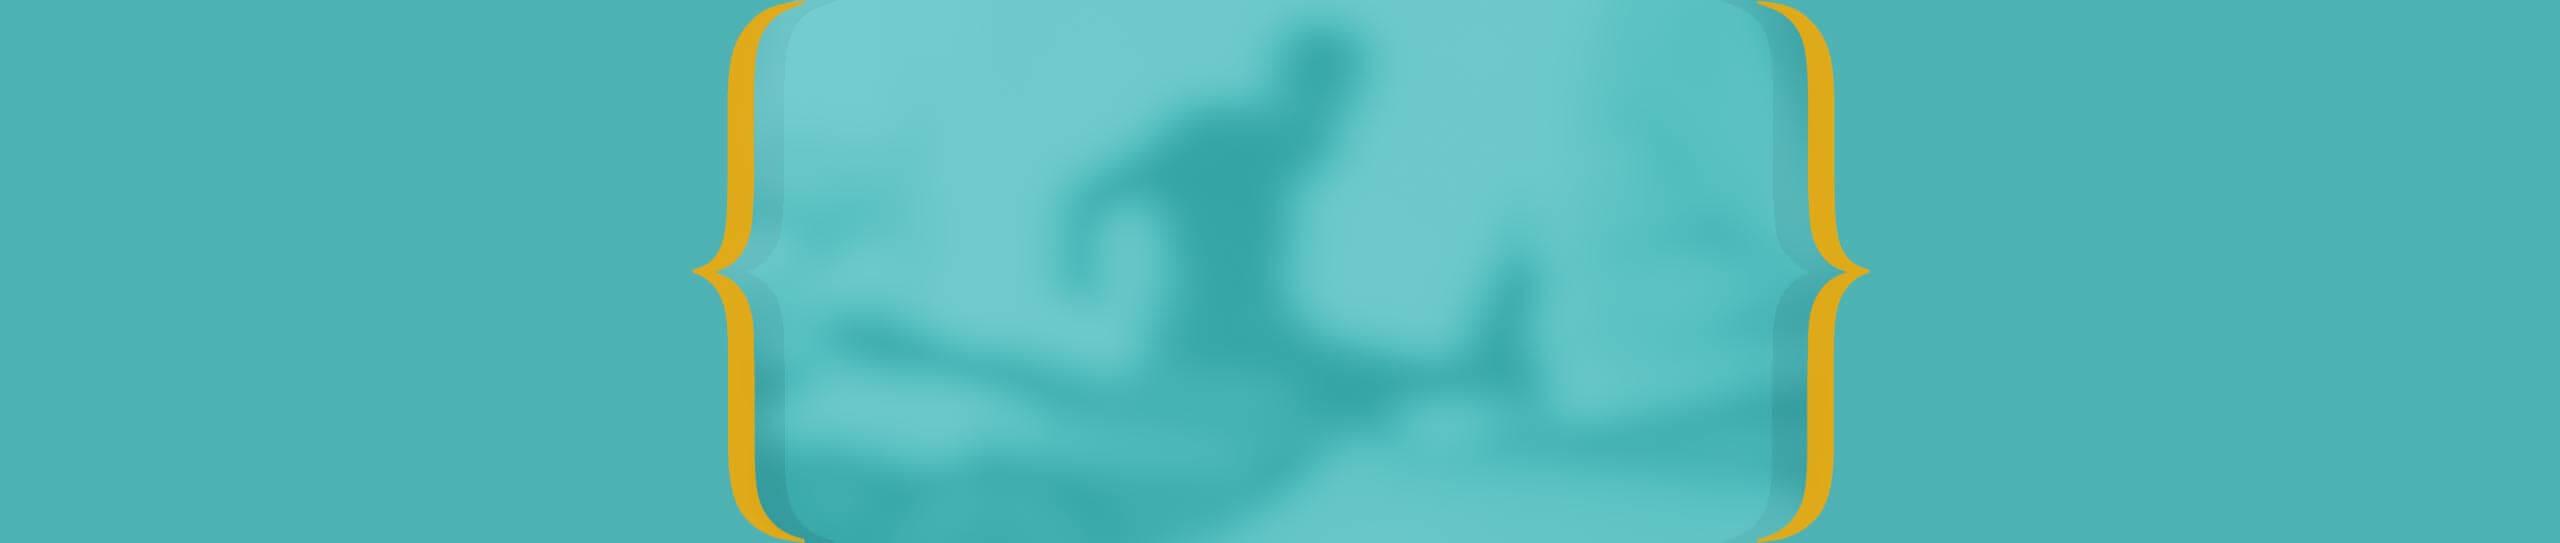 Werbung Webdesign Grafikdesign SEO-Agentur